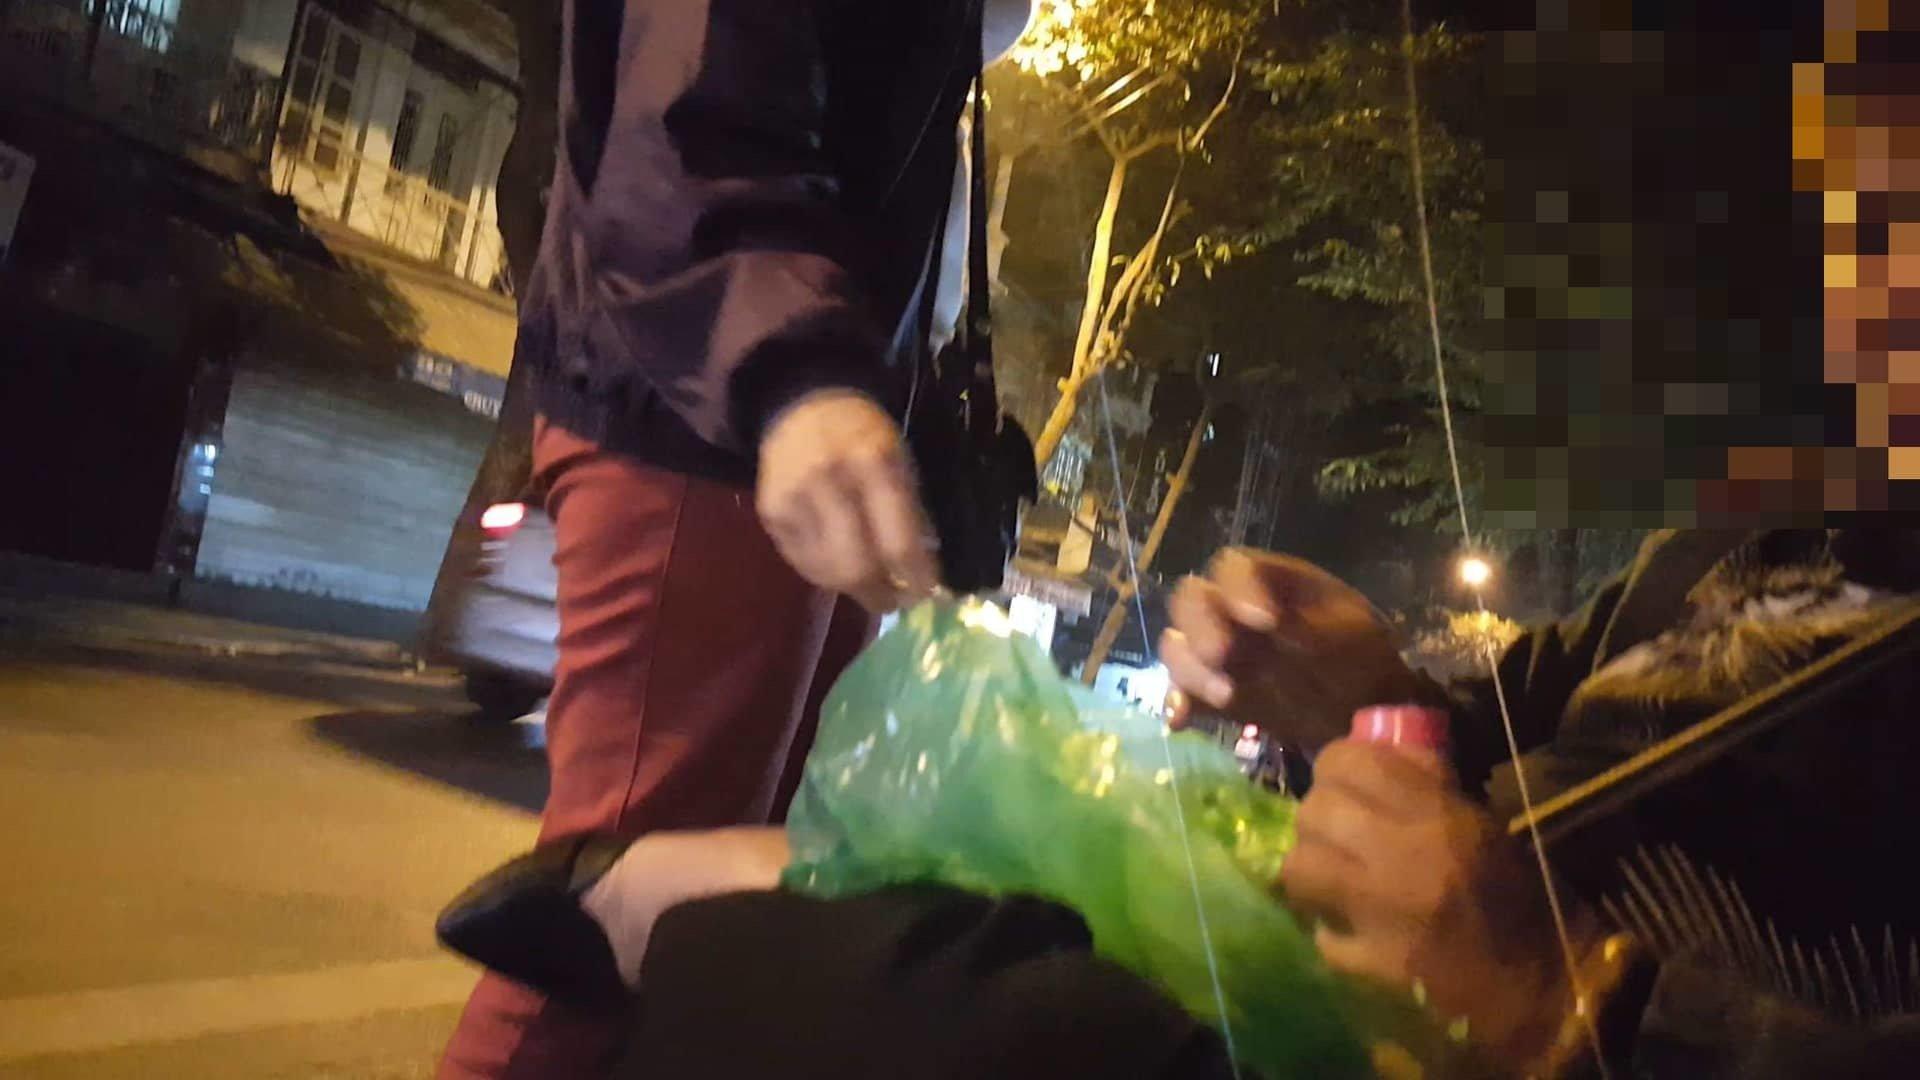 Giao dịch ngầm tại chợ 'sung sướng' ở phố cổ Hà Nội-2